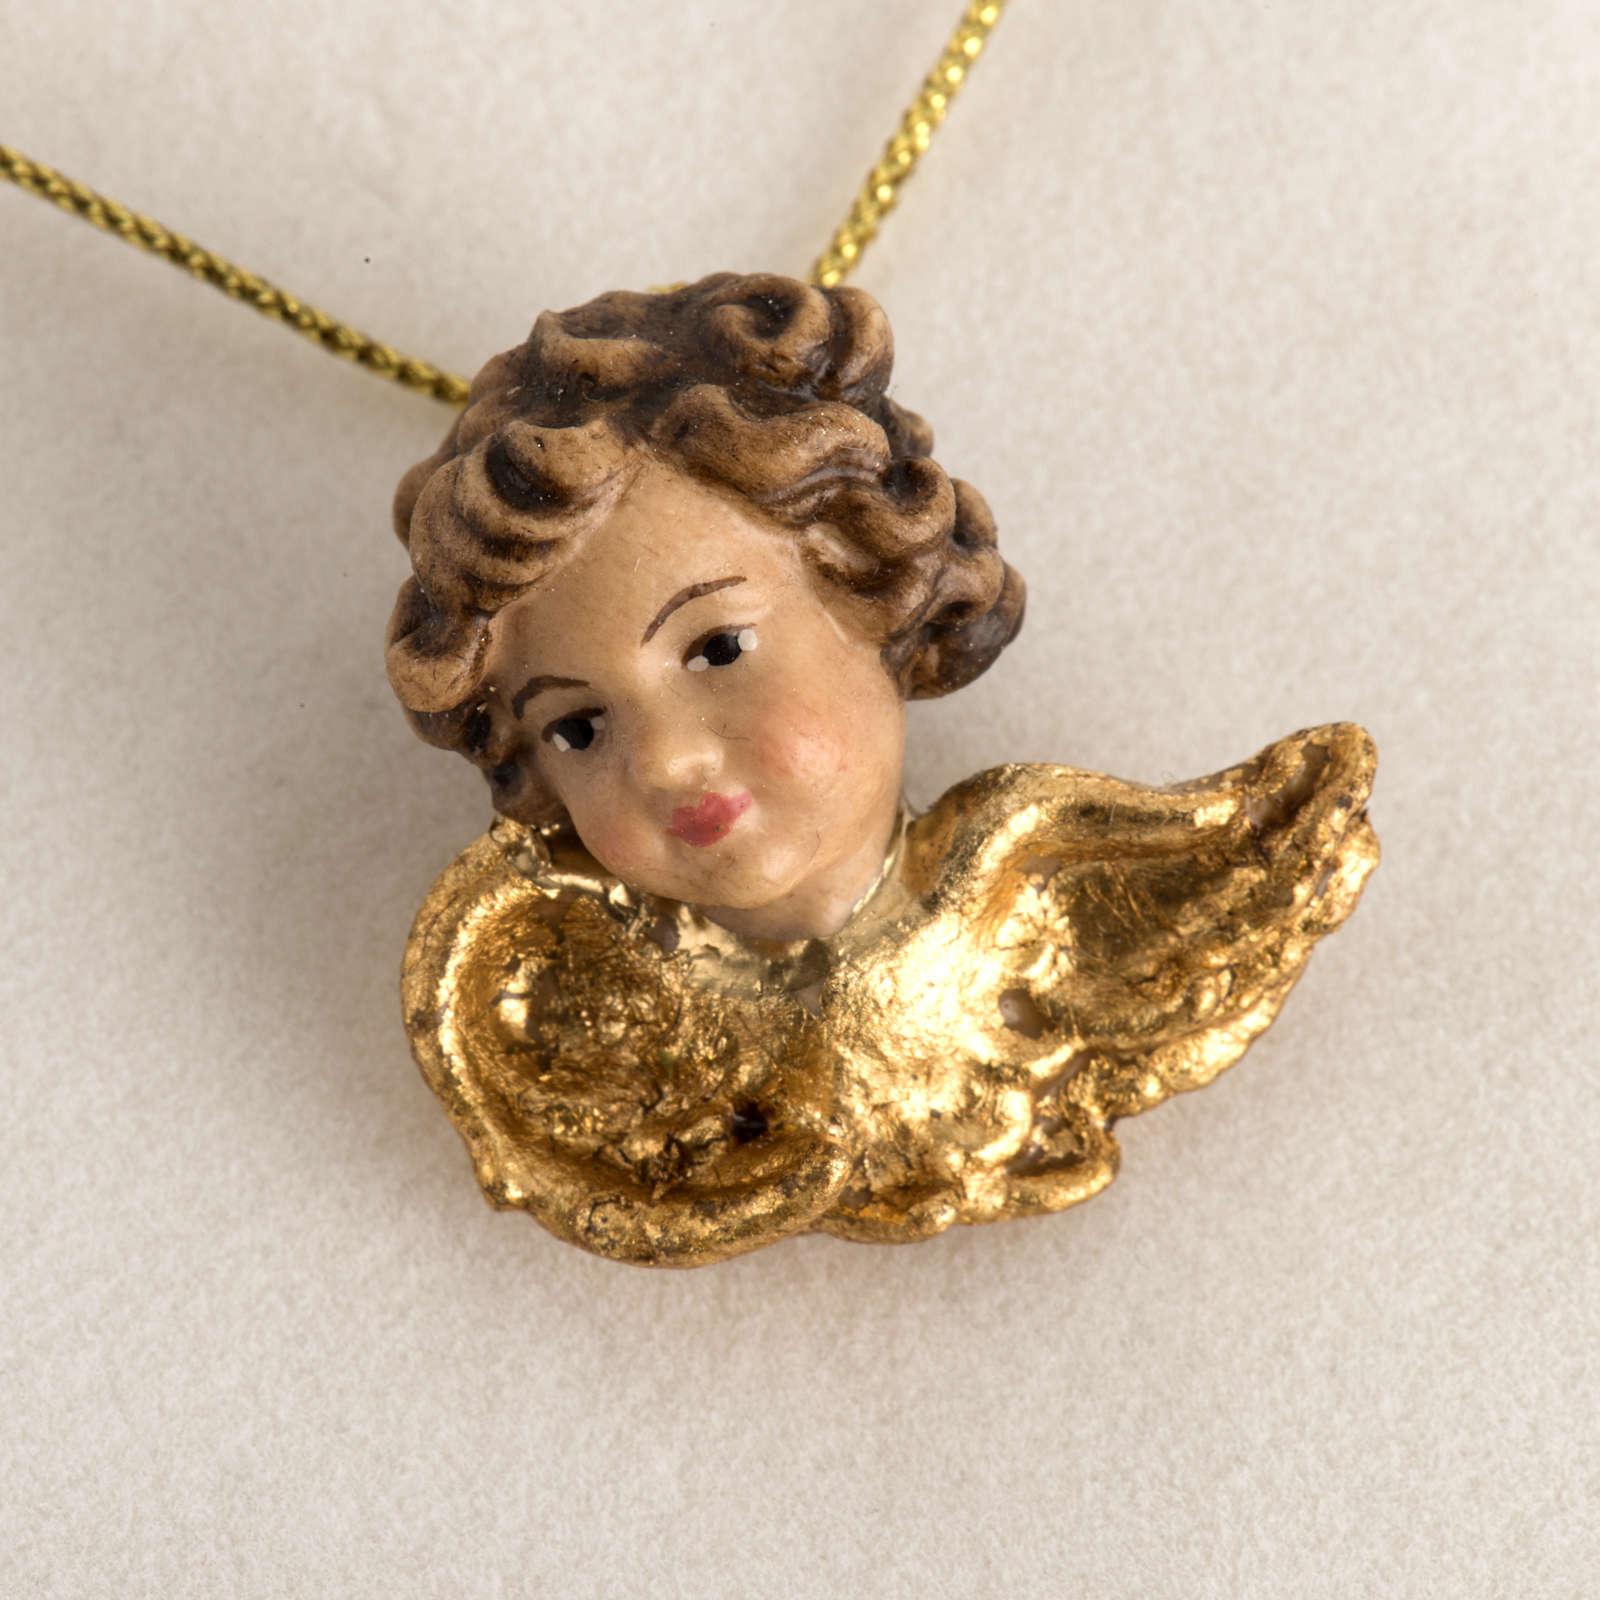 Testina angelo legno ali dorate in astuccio 4